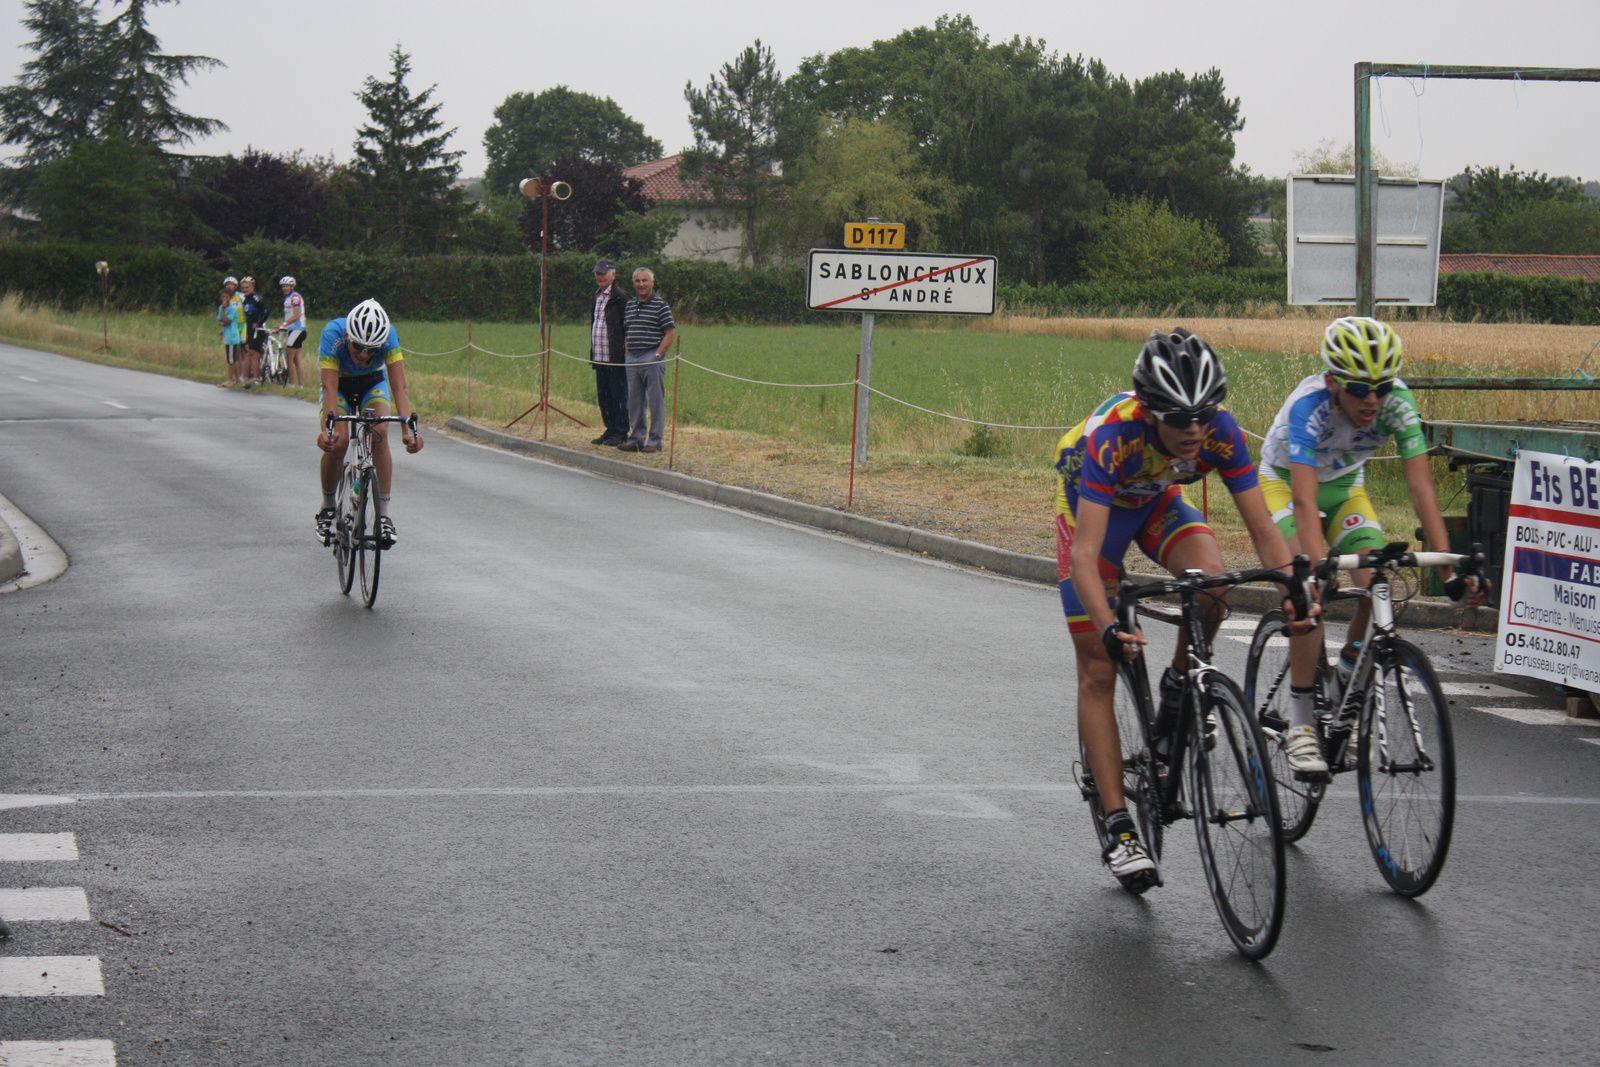 3e  Ryan  CANTET(C  Sud-Saintonge), 4e  Aurélien  LECHEVALIER(VC  Saintes), 5e  Jérémy  BELLICAUD(VC  Montendre), 6e  Arnaud  PETIT(FS  St  Hilaire), 7e  Valentin  ROTH(UCC  Vivonne), 8e  Corentin  BERTRAND(CA  Civray), 9e  Pierre  SMERALDI(VC  Saintes),10e   Lucas  TROCHUT(VC  Saintes), 11e  Corentin  BABEAU(P  St  Florent), 12e  Nathan  HERVE(VC  Chatillon), 13e  Anais  CHAUVET(AC  Macqueville)